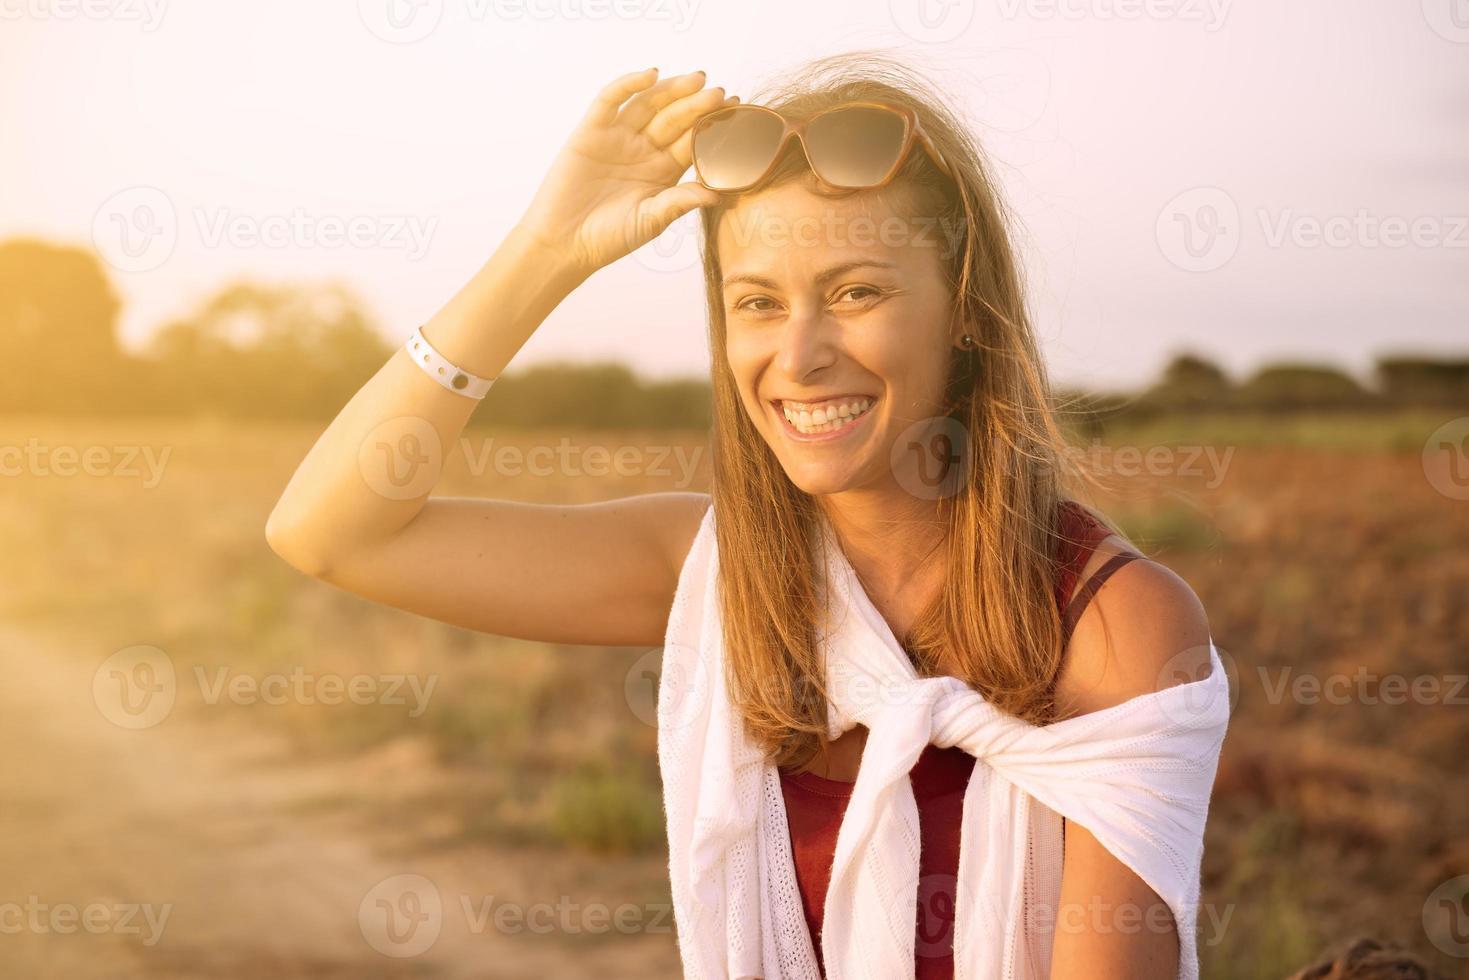 jonge vrouw met een bril lachen in de herfst foto